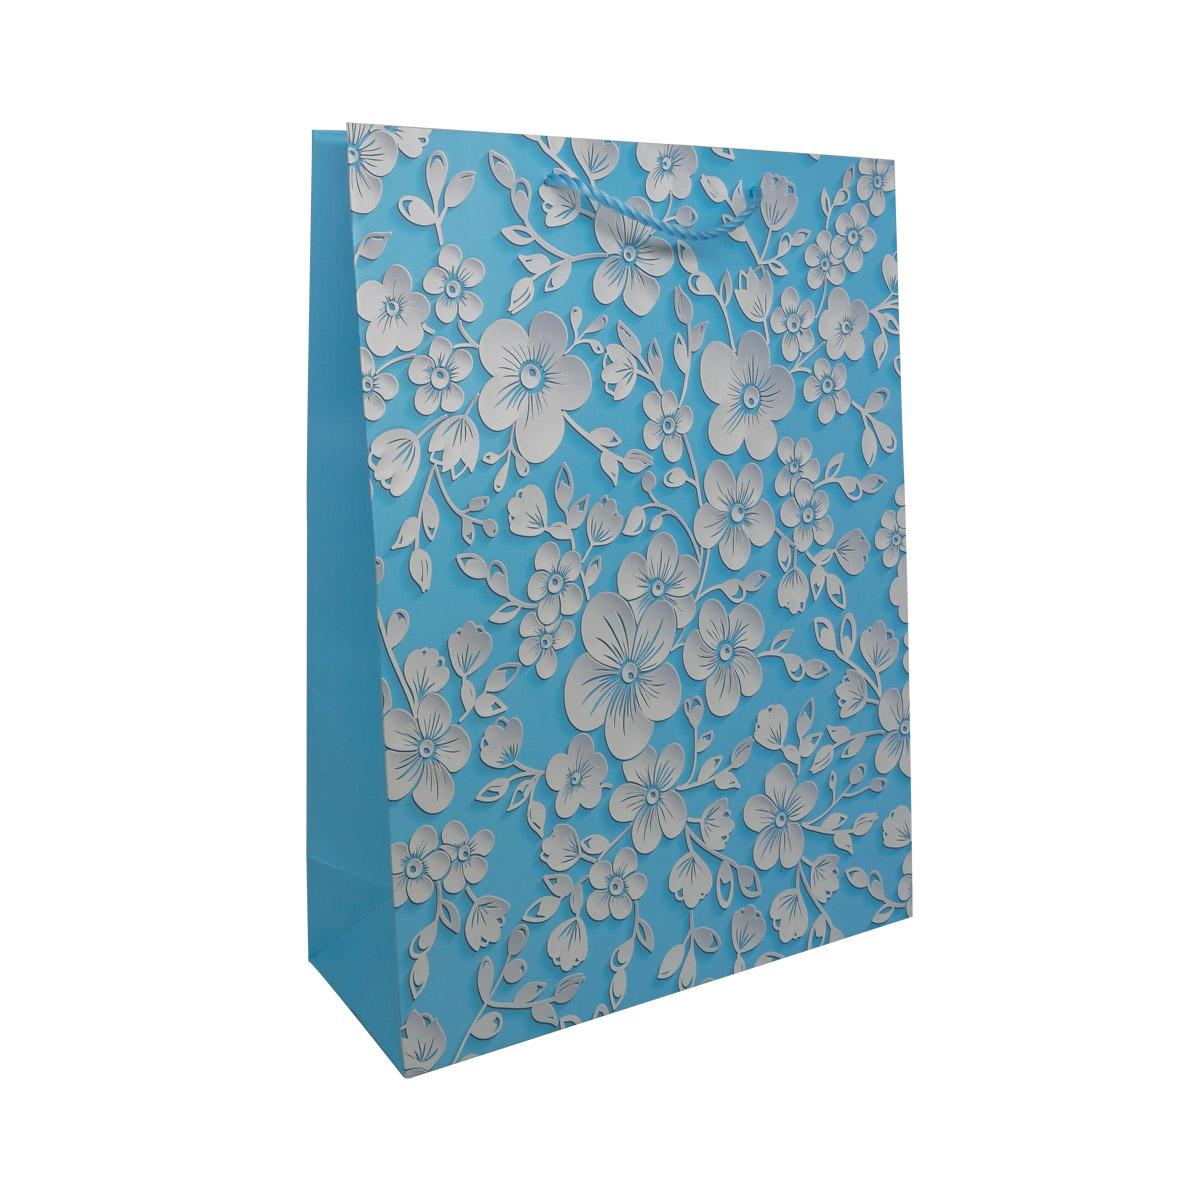 BK961 Пакет подарочный ламинированный 'Цветы', 40*30*12см